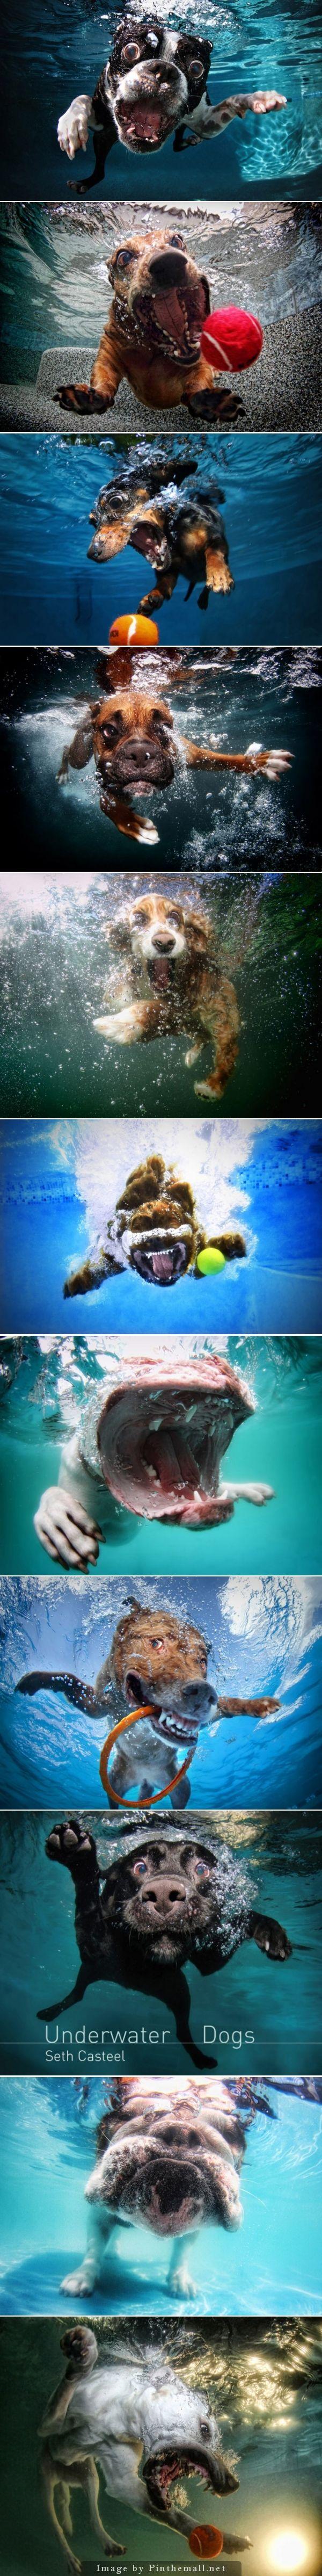 Nem tudom, hogy a fotósnak hogyan és miért jutott eszébe az, hogy vízbe csobbanó kutyusokat fotózzon, de nagyon jól tette, mert elképesztően látványos, vicces és aranyos képek születtek belőle! :-)